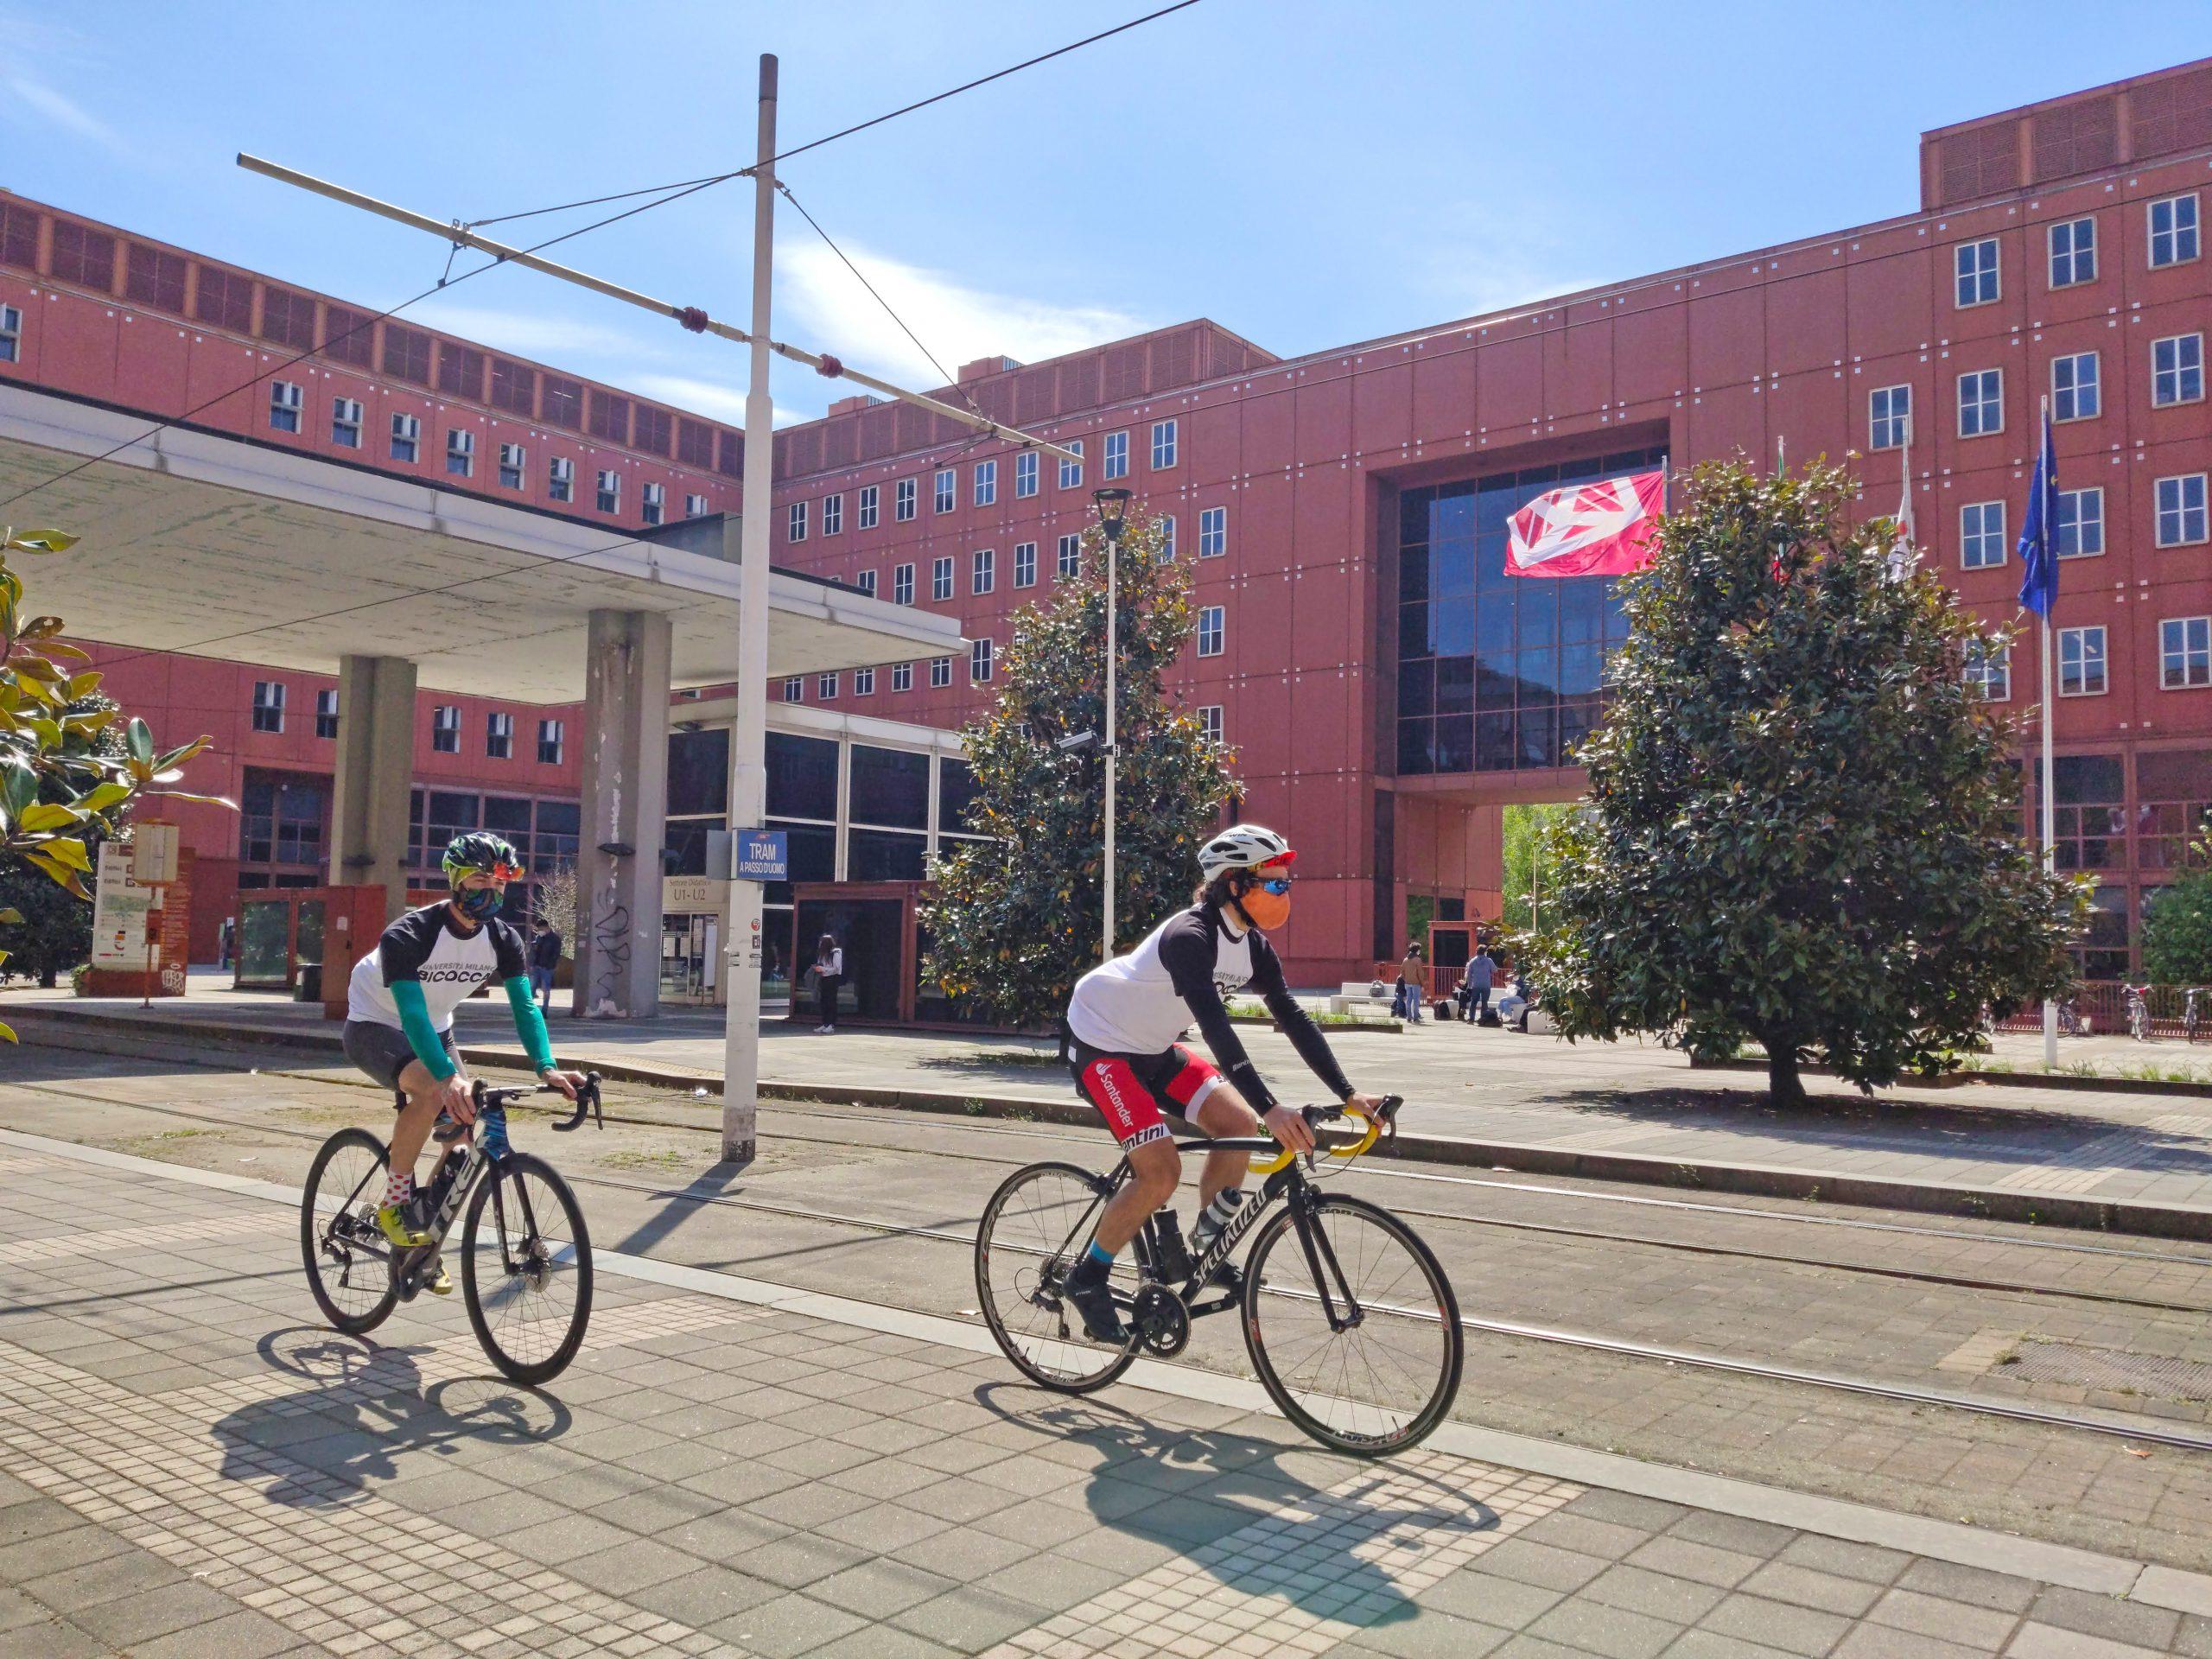 Da due ciclisti a un Club pieno di sfide!